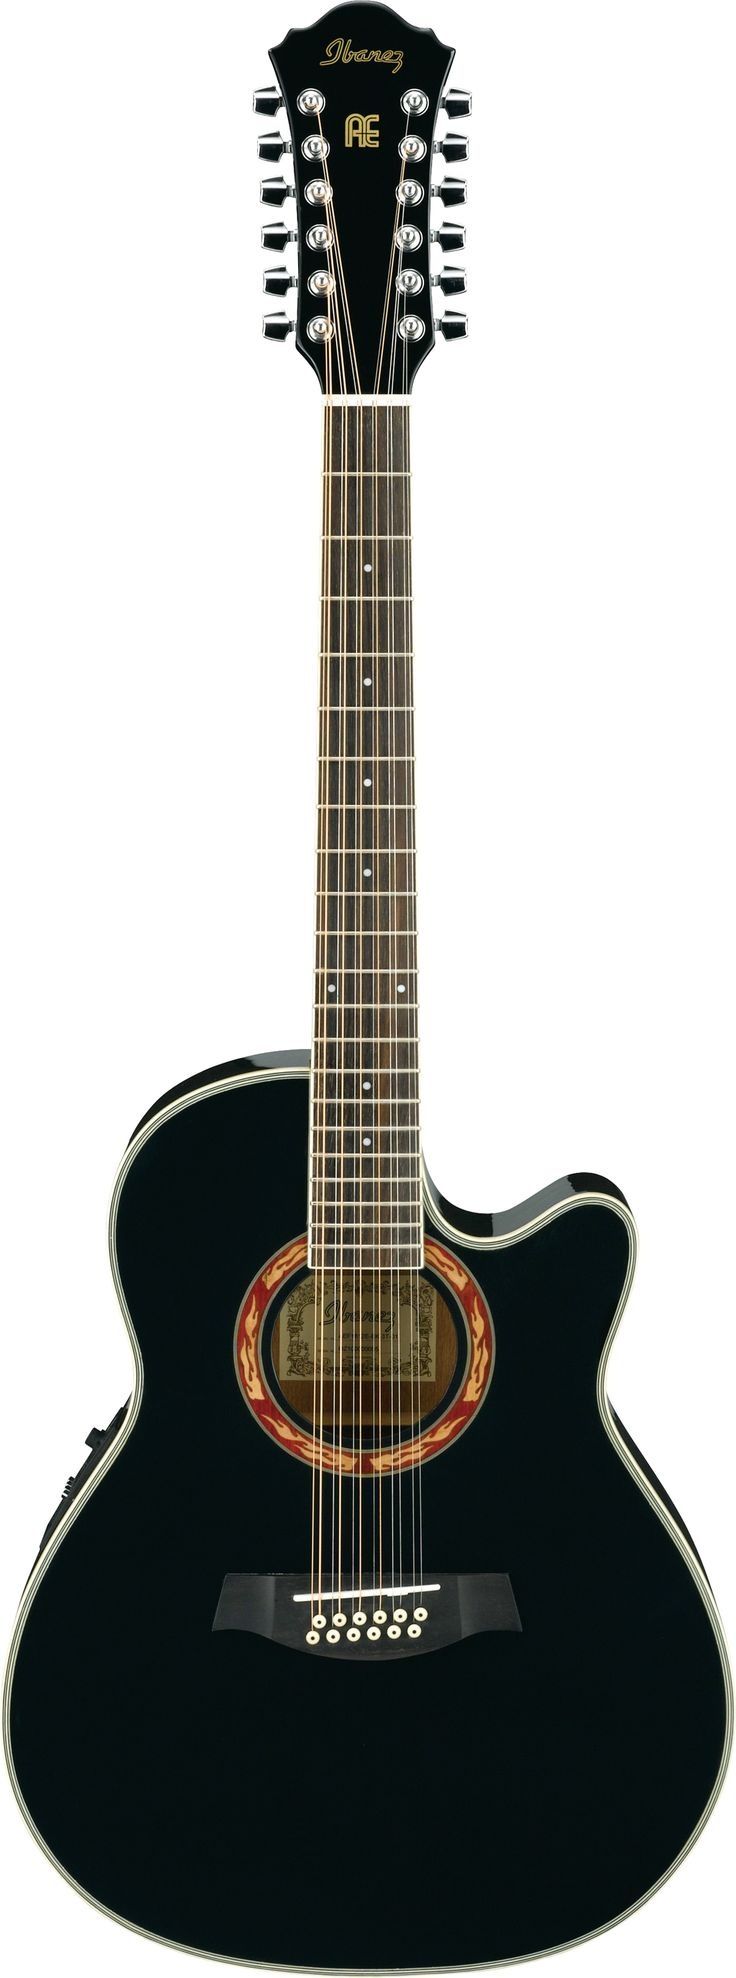 Ibanez AEF1812EBK #LardysWishlists #Guitar ~ https://www.pinterest.com/lardyfatboy/ ~